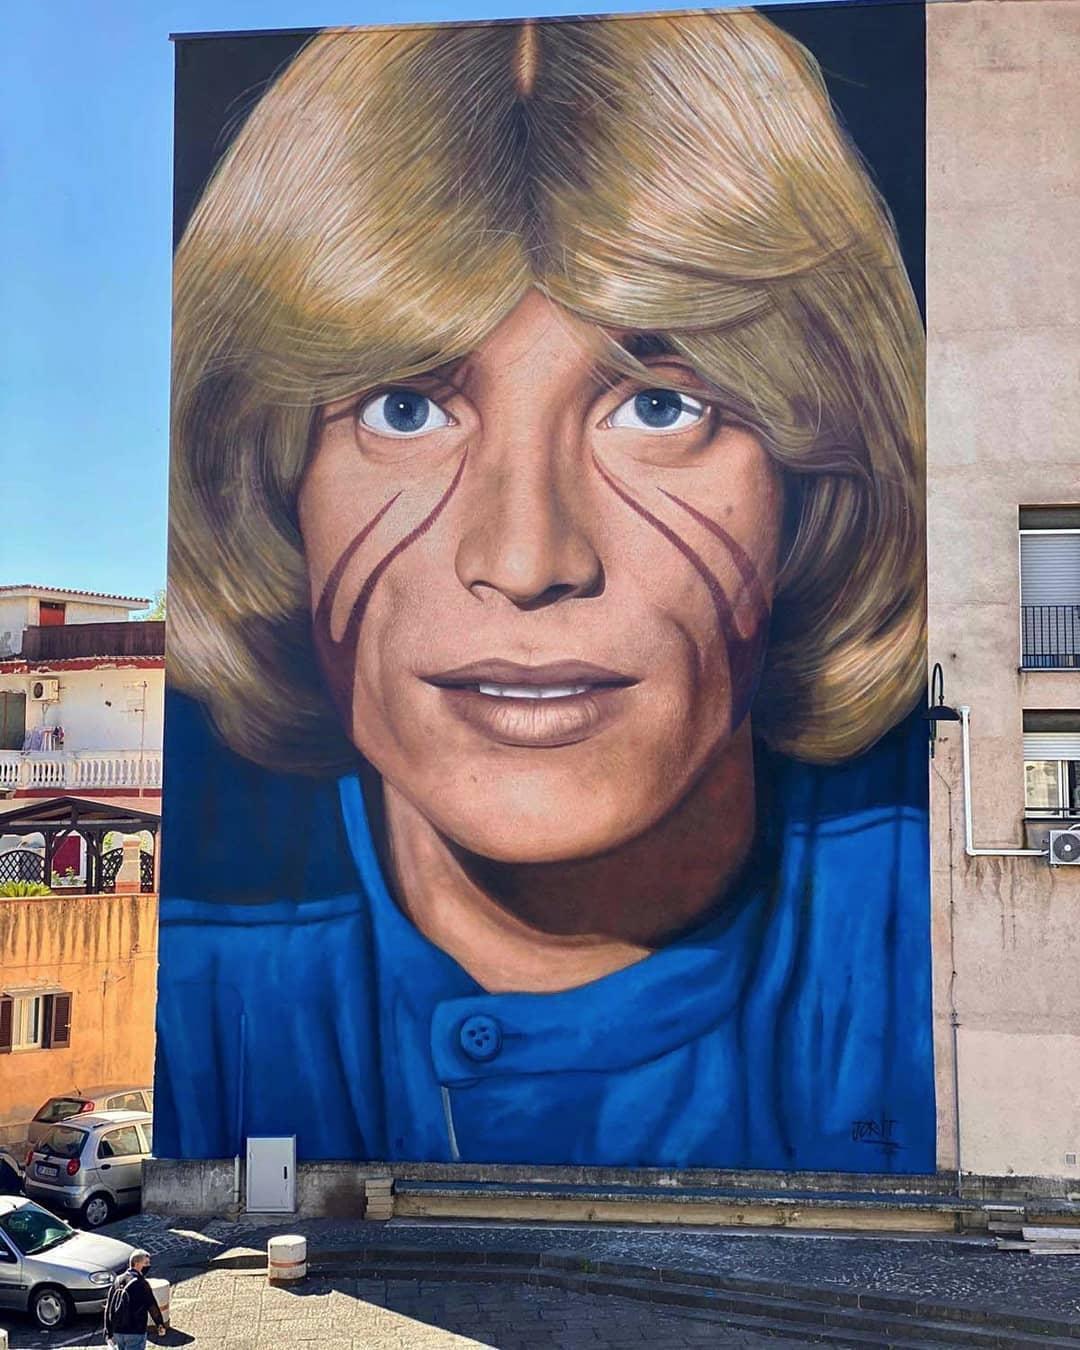 Jorit Agoch @ Naples, Italy